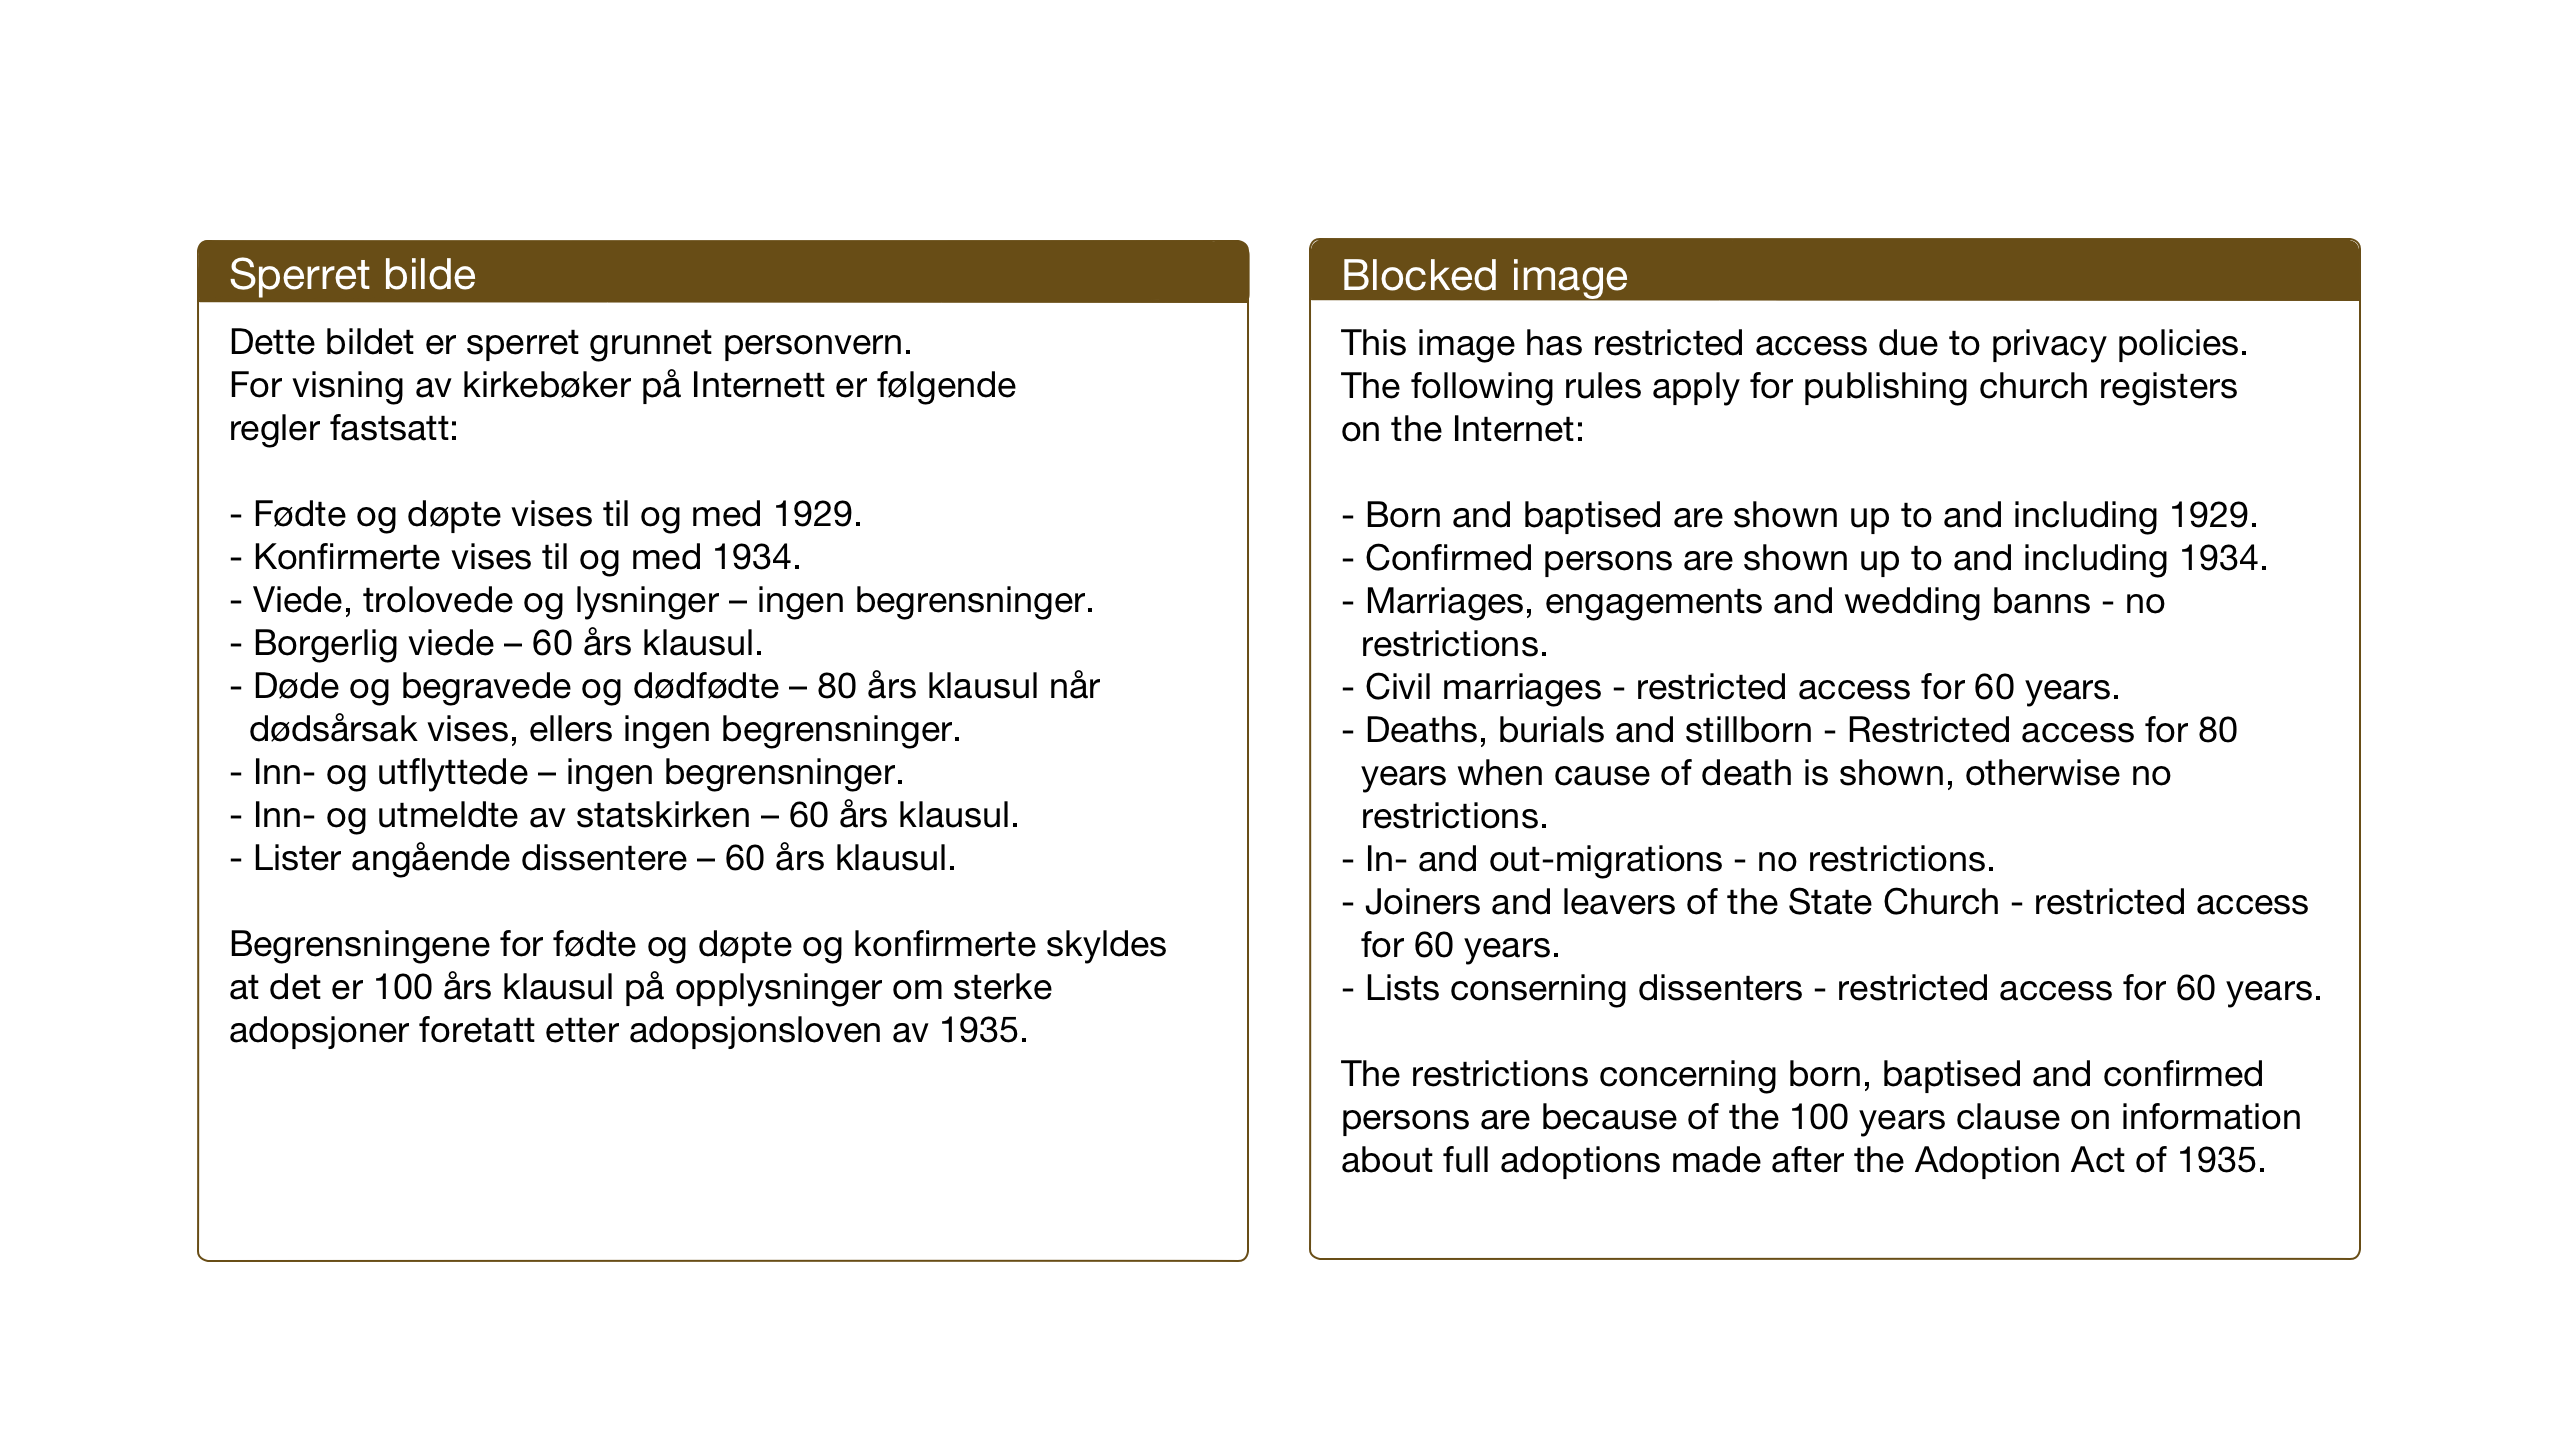 SAT, Ministerialprotokoller, klokkerbøker og fødselsregistre - Nord-Trøndelag, 714/L0136: Klokkerbok nr. 714C05, 1918-1957, s. 221